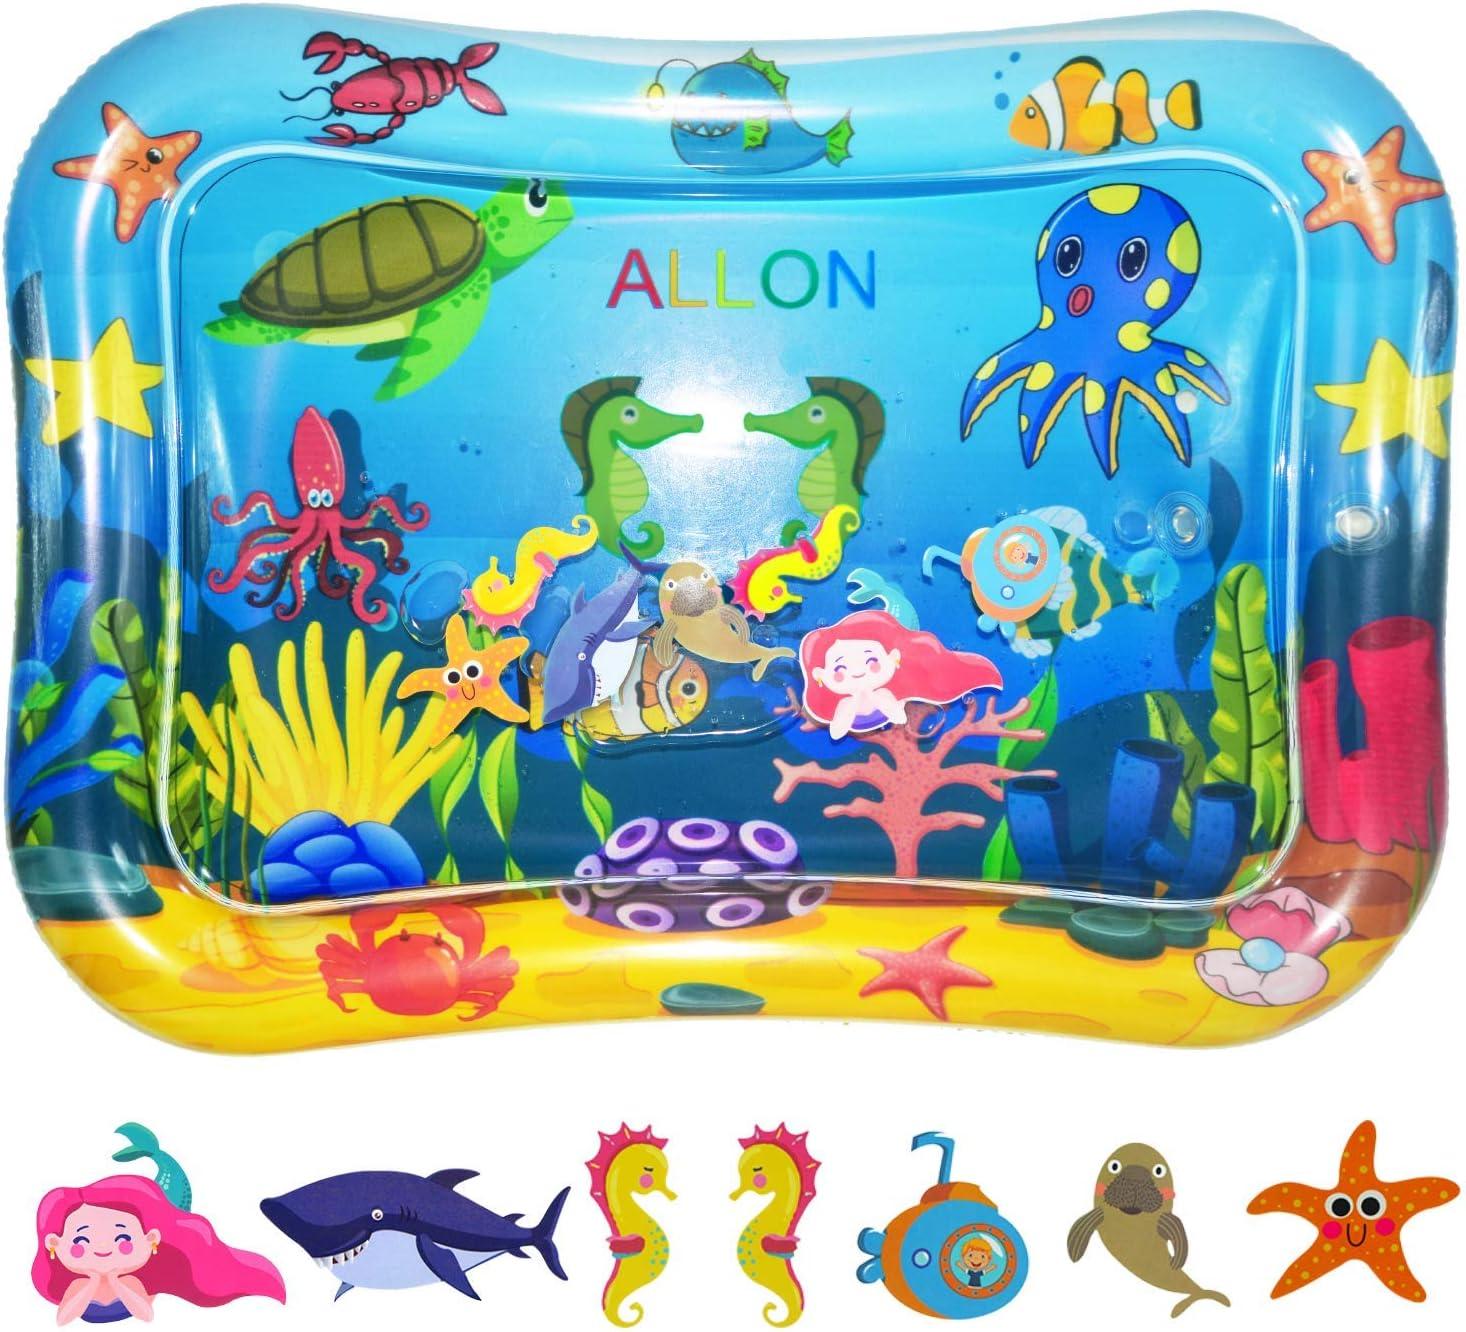 Amazon.com: Alfombrilla inflable para bebés de ALLON para ...